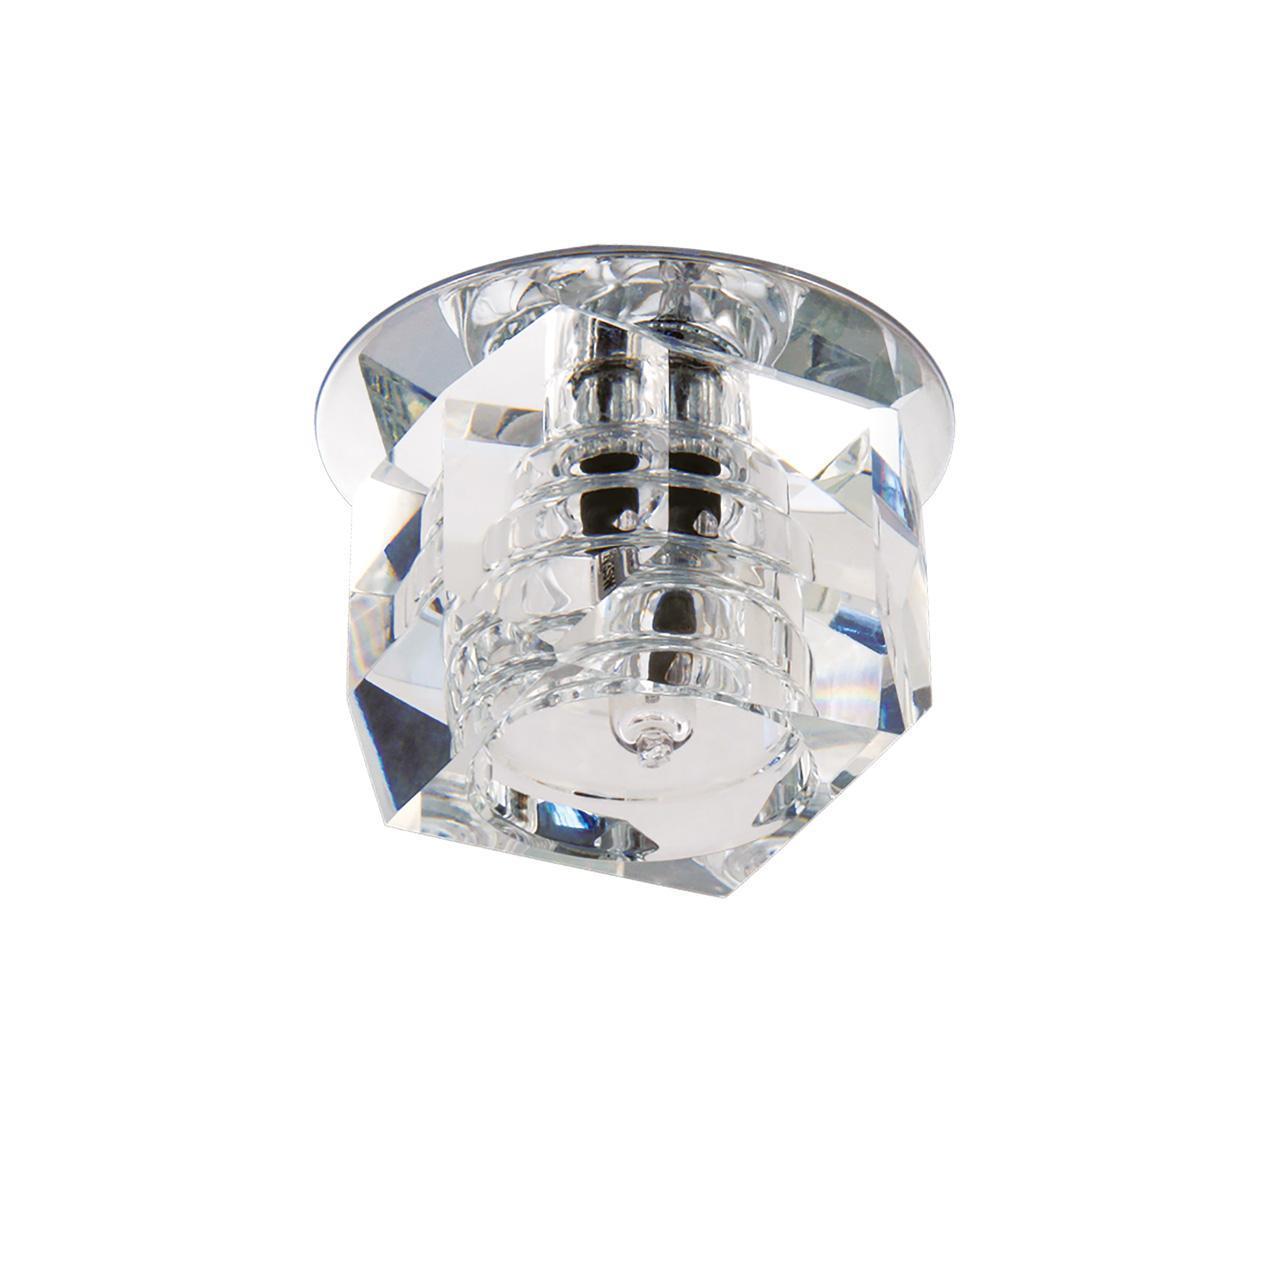 Встраиваемый светильник Lightstar Romb 004064 встраиваемый светильник light star romb 004060r